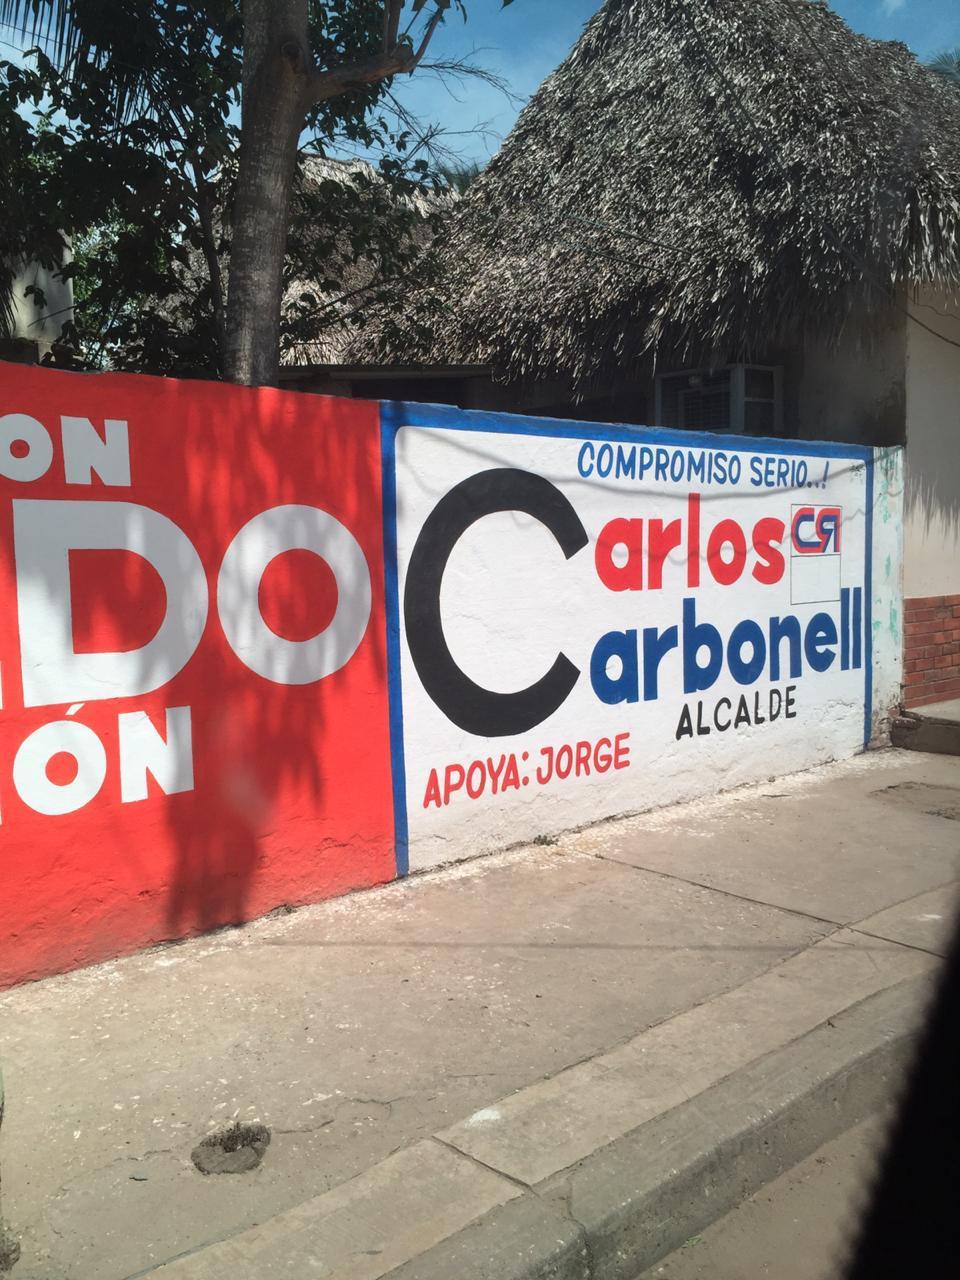 Vallas en El Piñón que representan el apoyo de Jorge Caballero a Caicedo y a Carbonell.